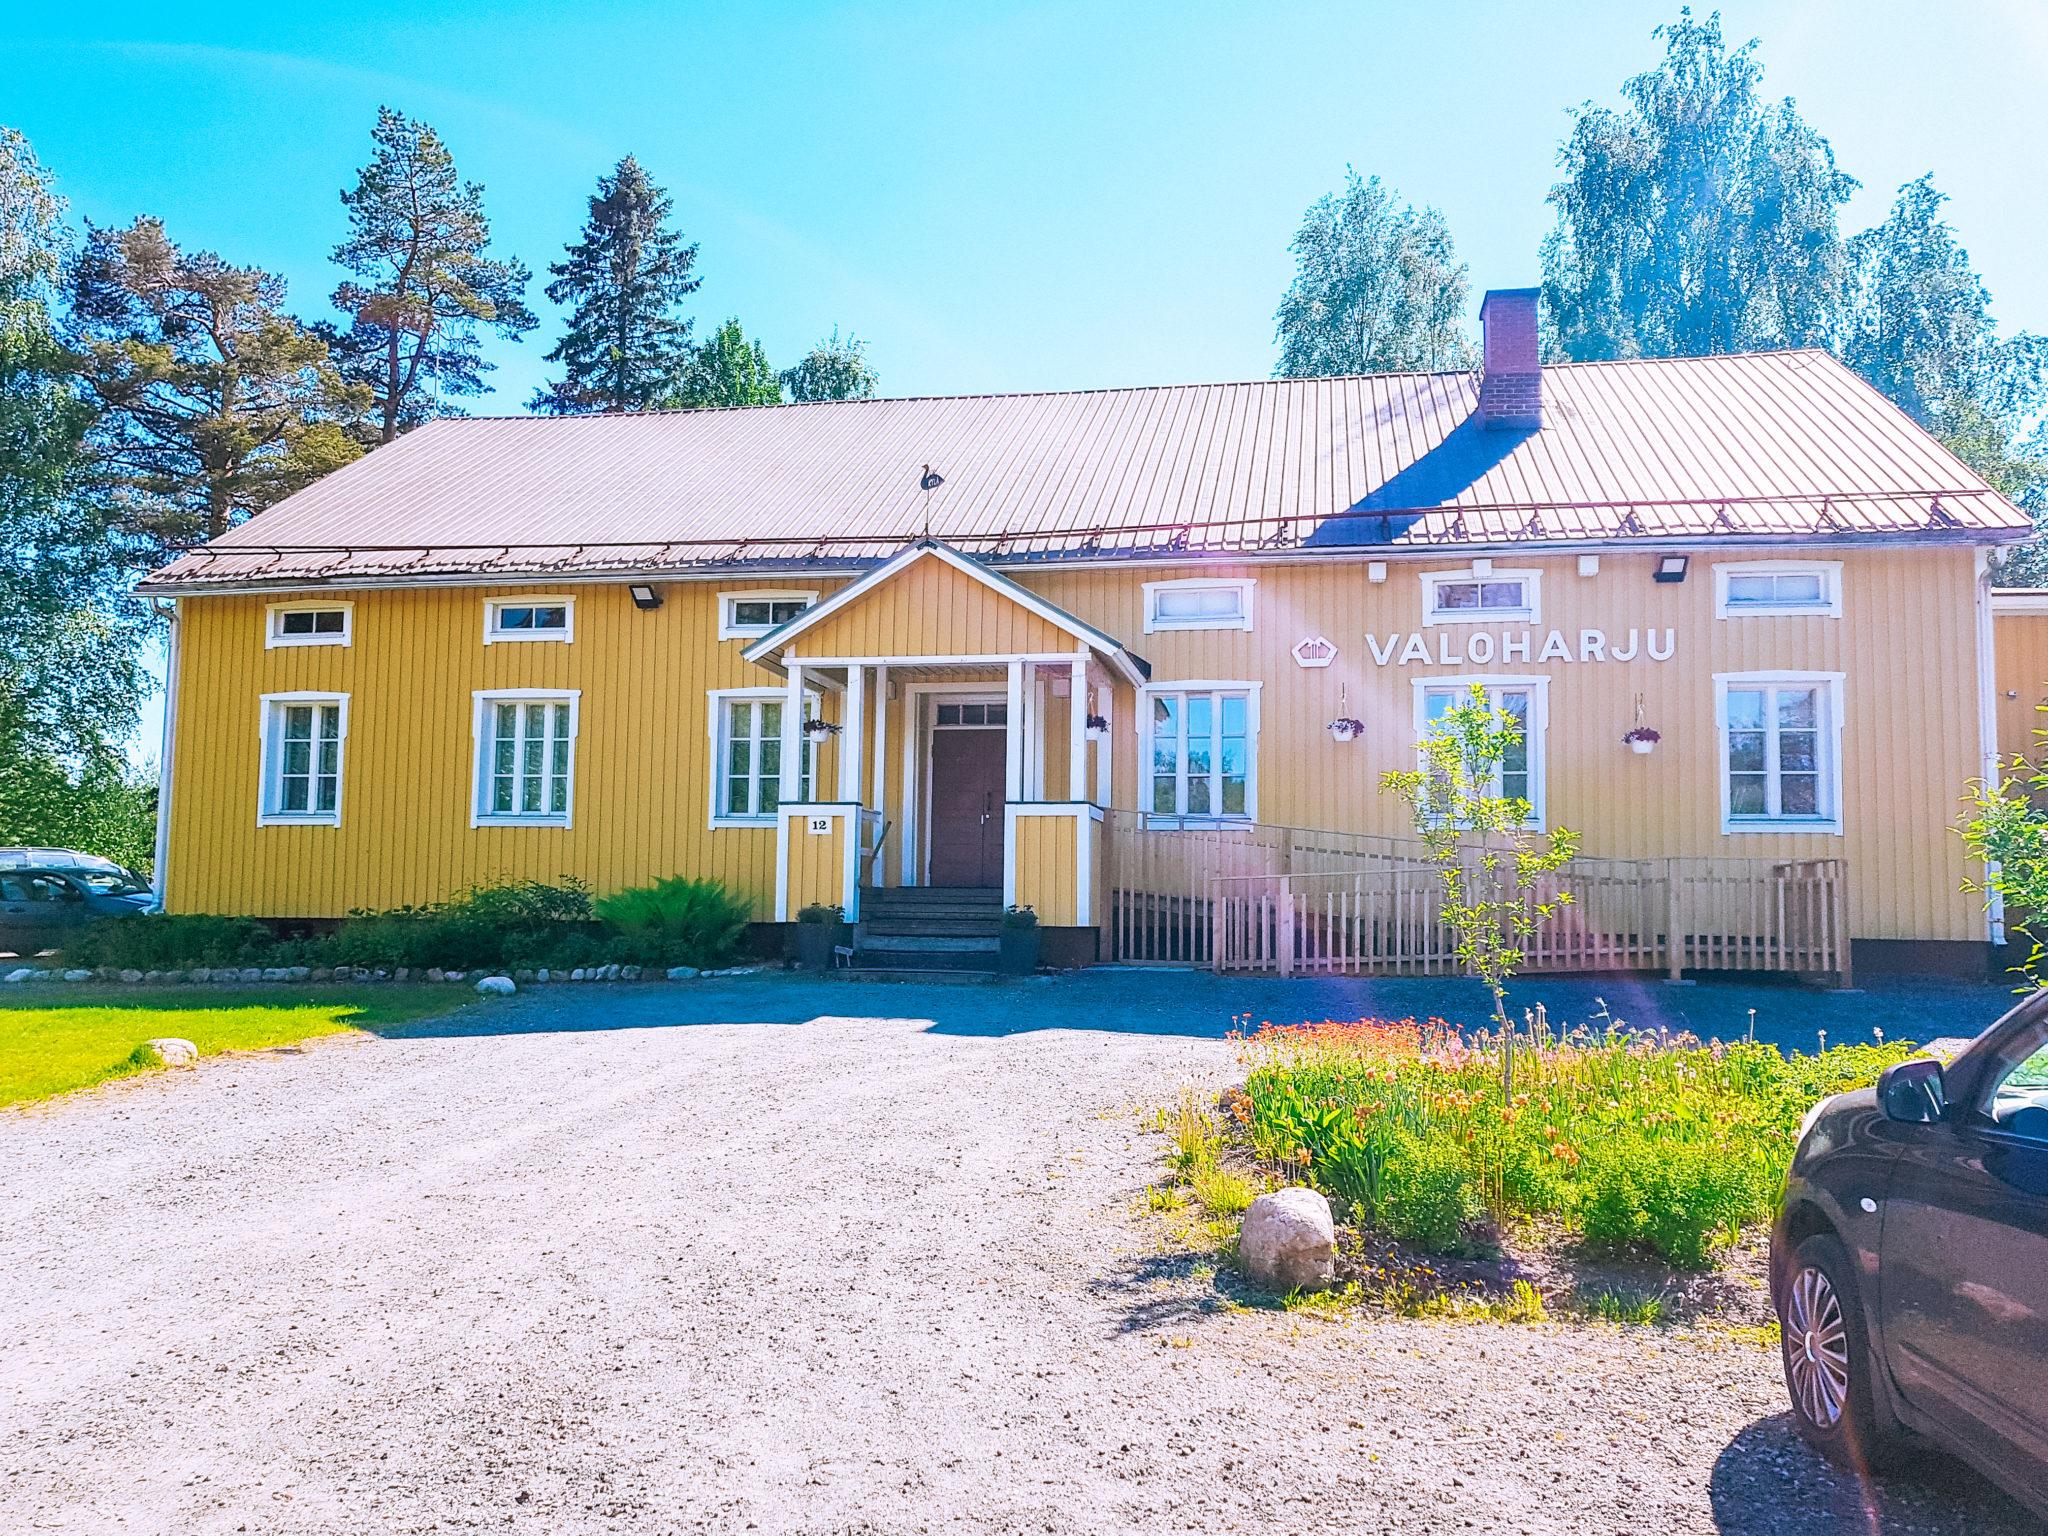 Valoharju Vehmasmäki, hääpaikka Kuopiossa